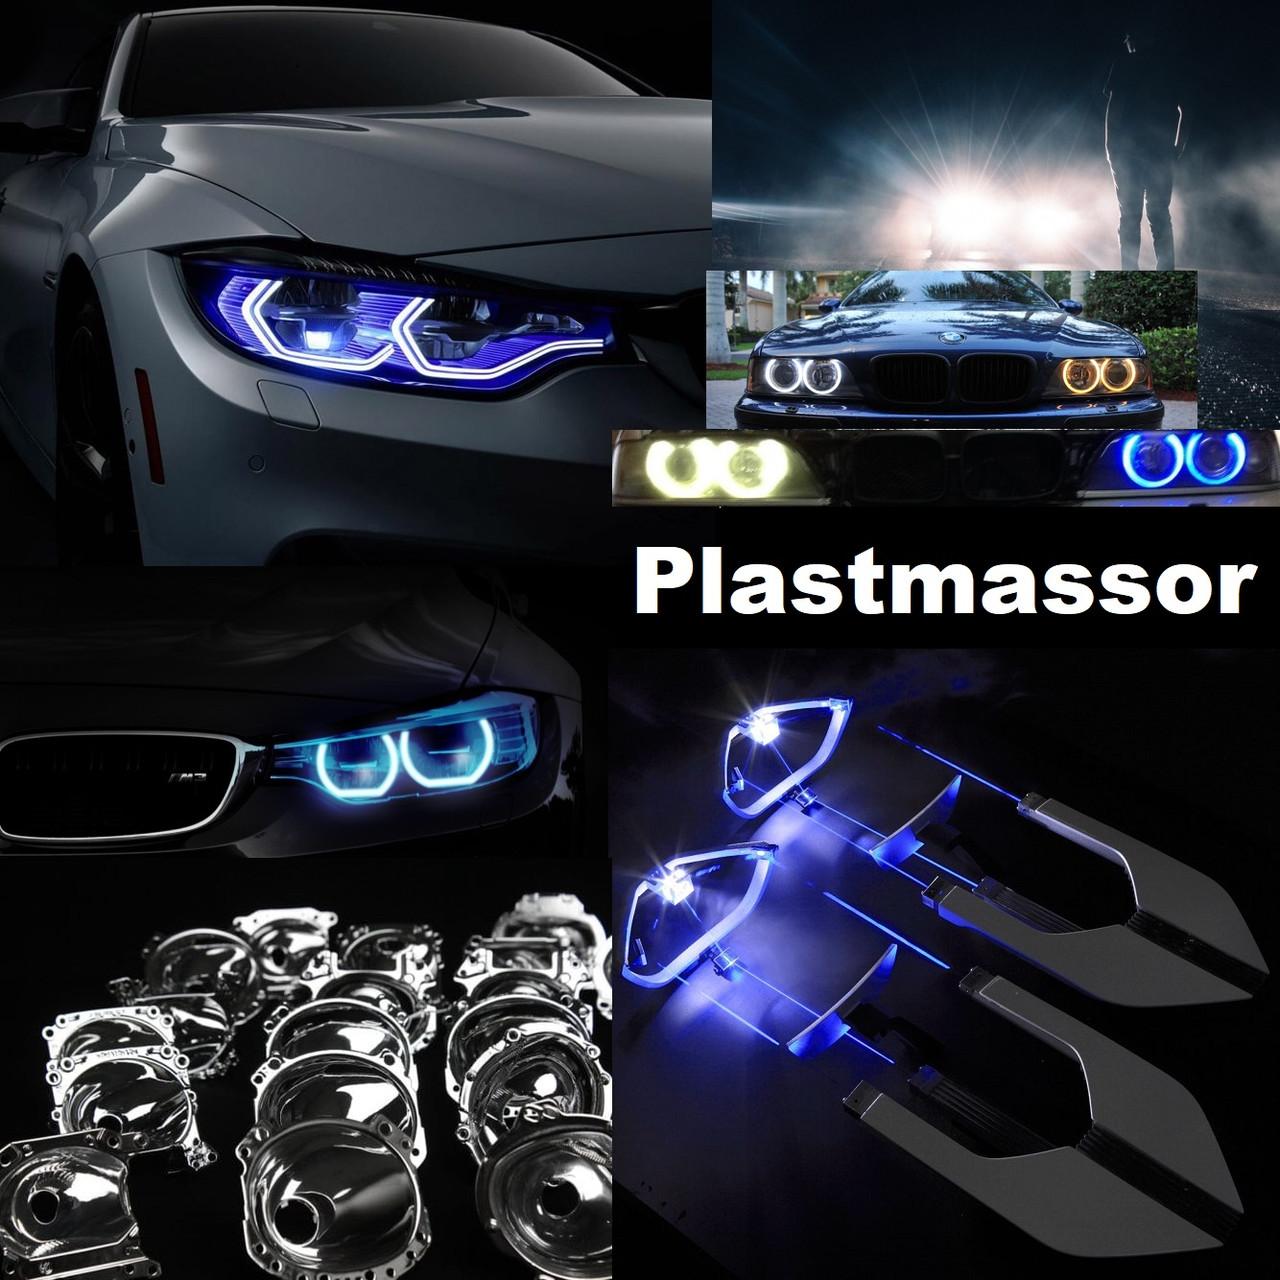 Ремонт Plastmassor вакуумная металлизация восстановление отражателей фар Hyundai